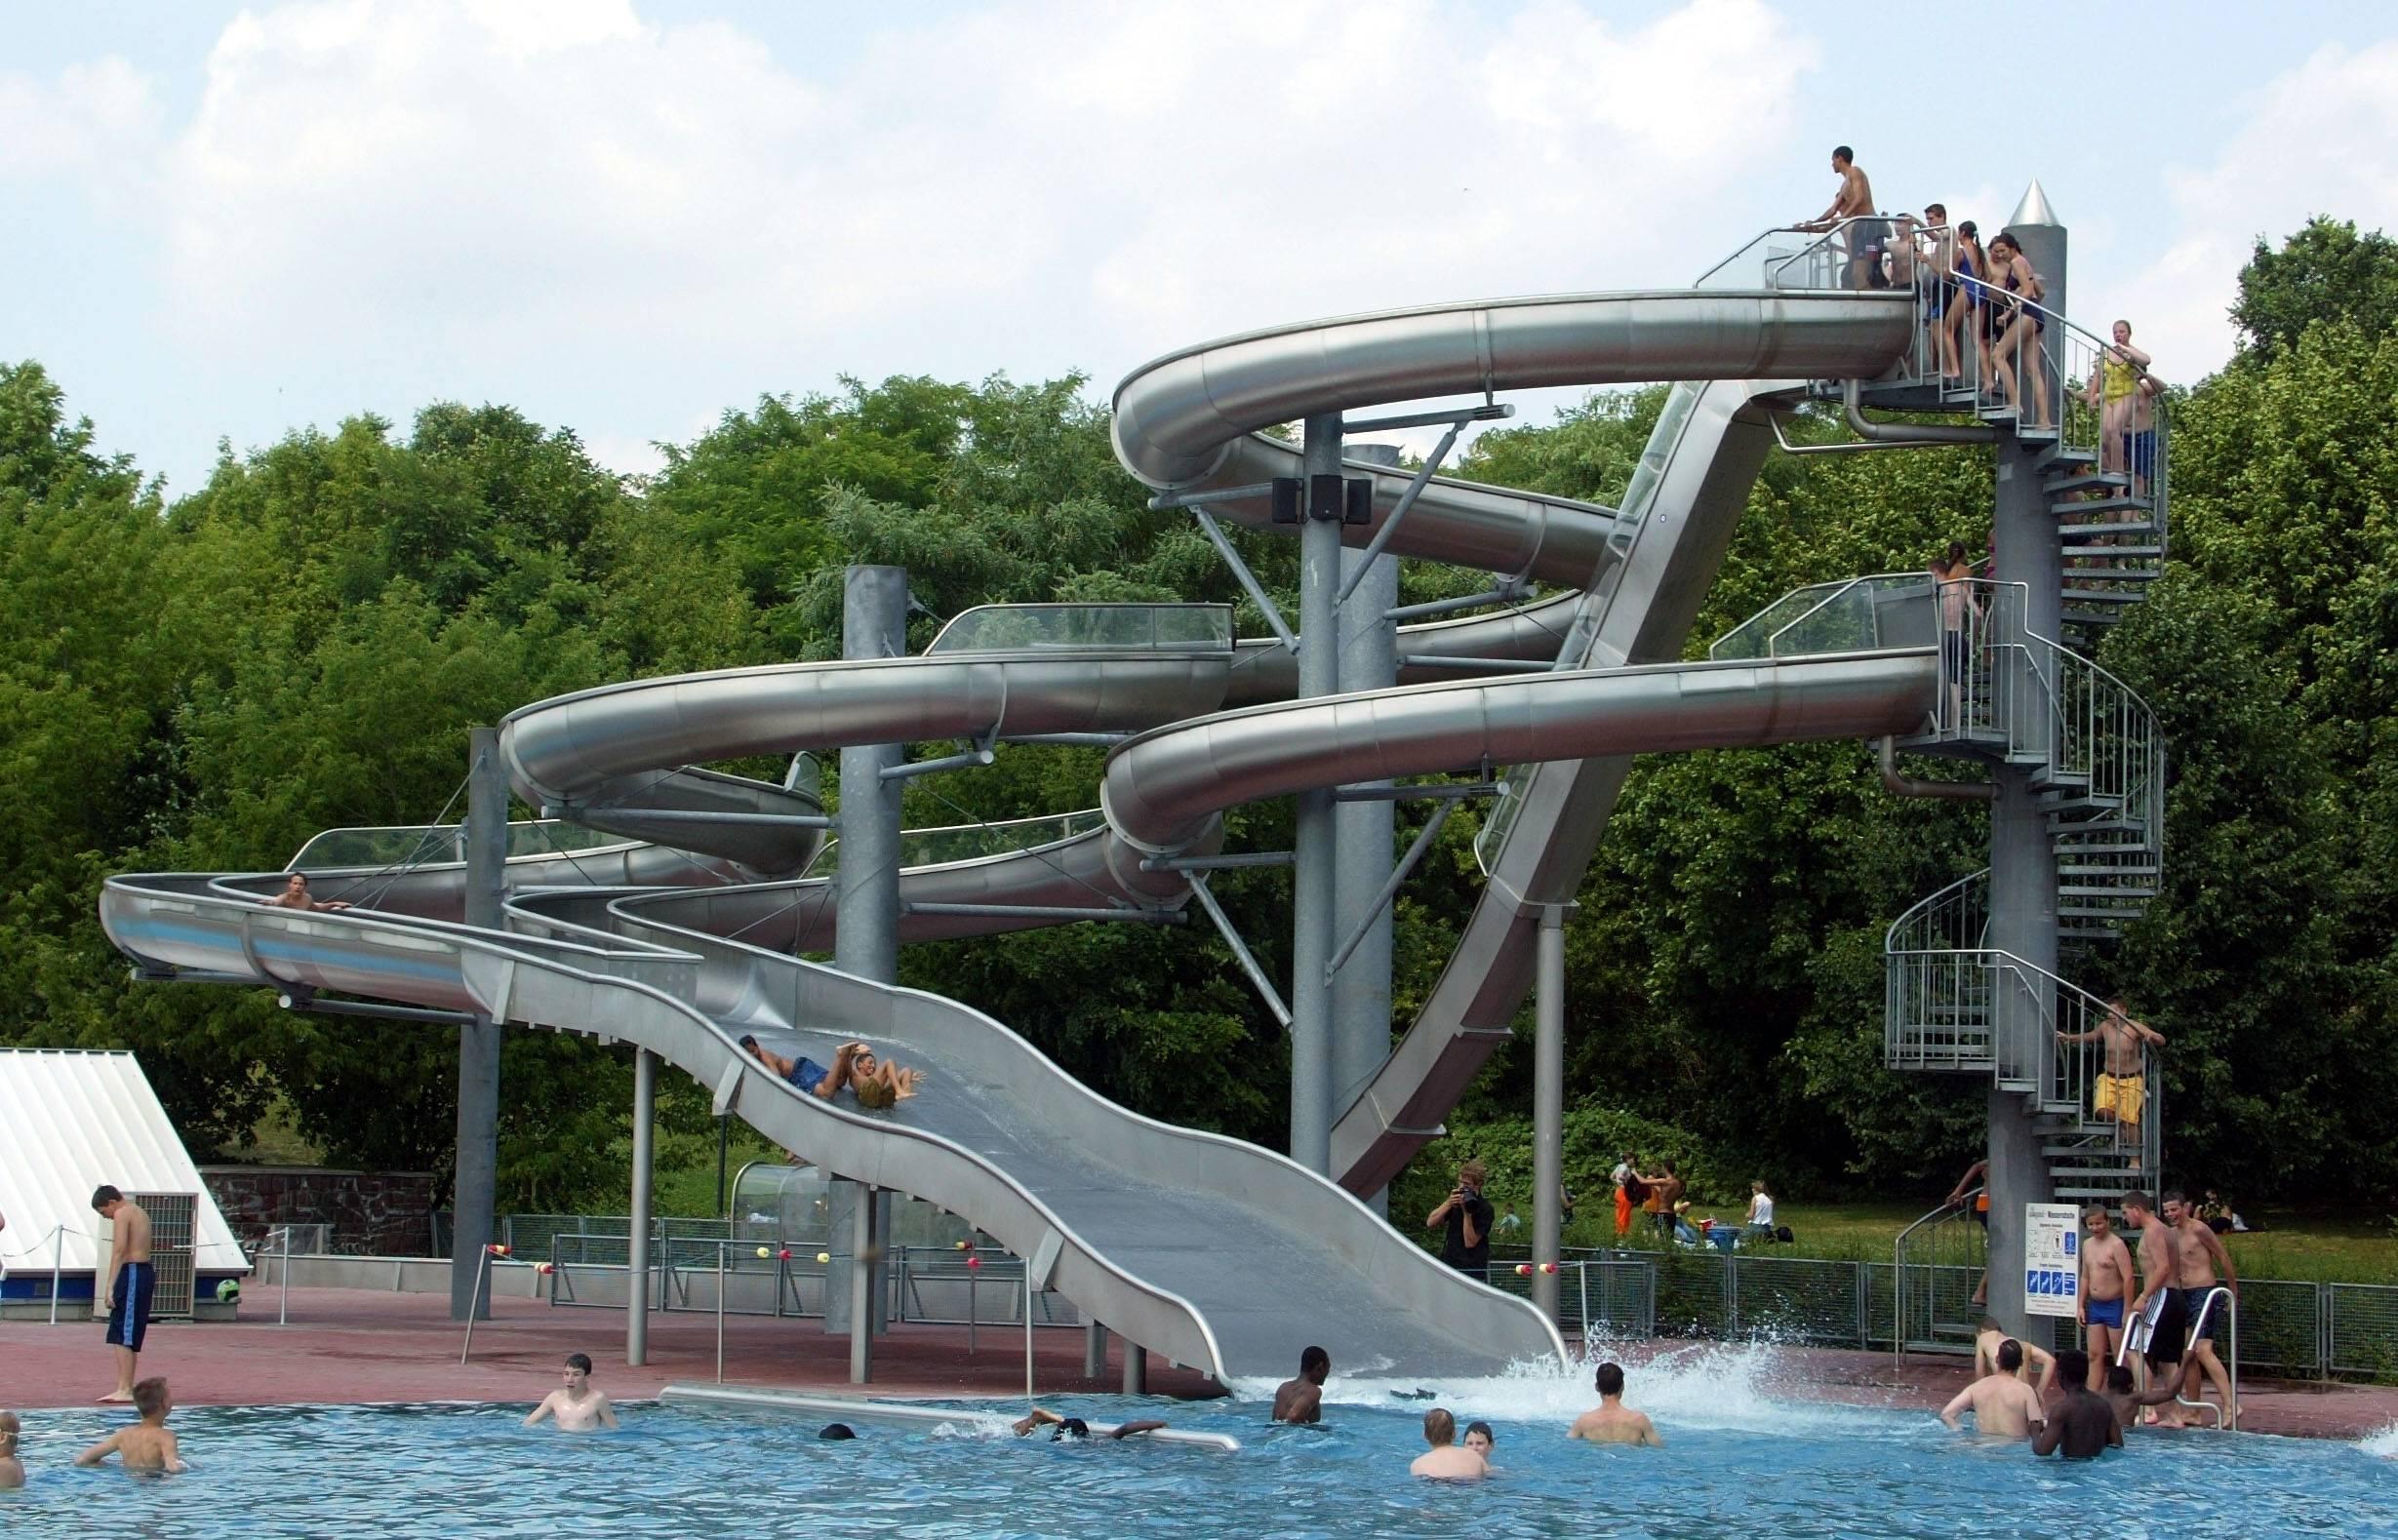 Die Hauptattraktion im Sommerbad Pankow: die High-Speed-Rutsche. Foto: Imago/Olaf Wagner